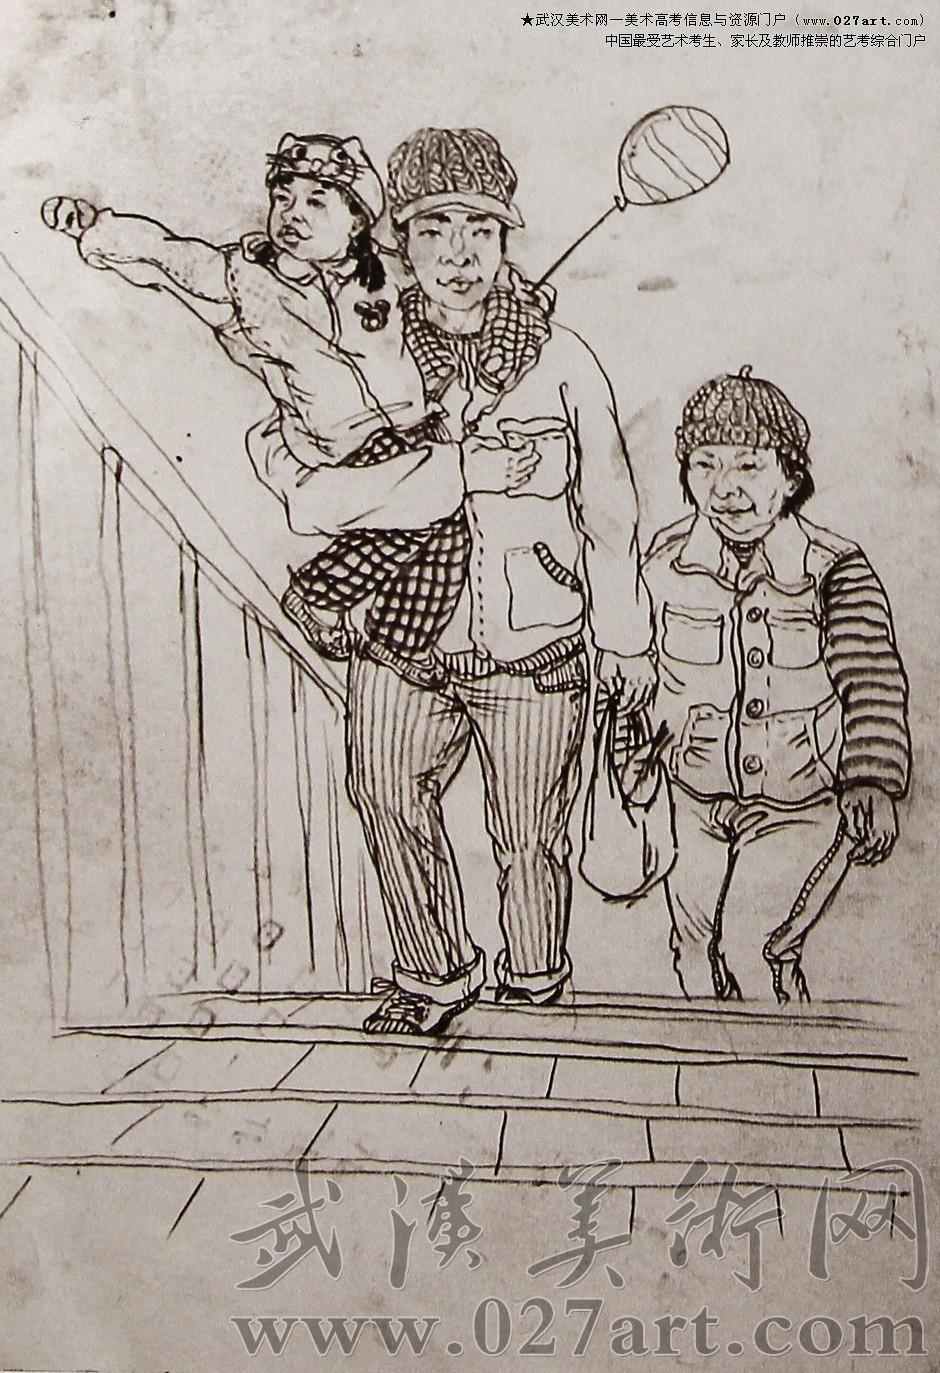 2011年速写考题 :1个老年女性,1个小女孩,1个男中年 爬楼梯 默写 (不